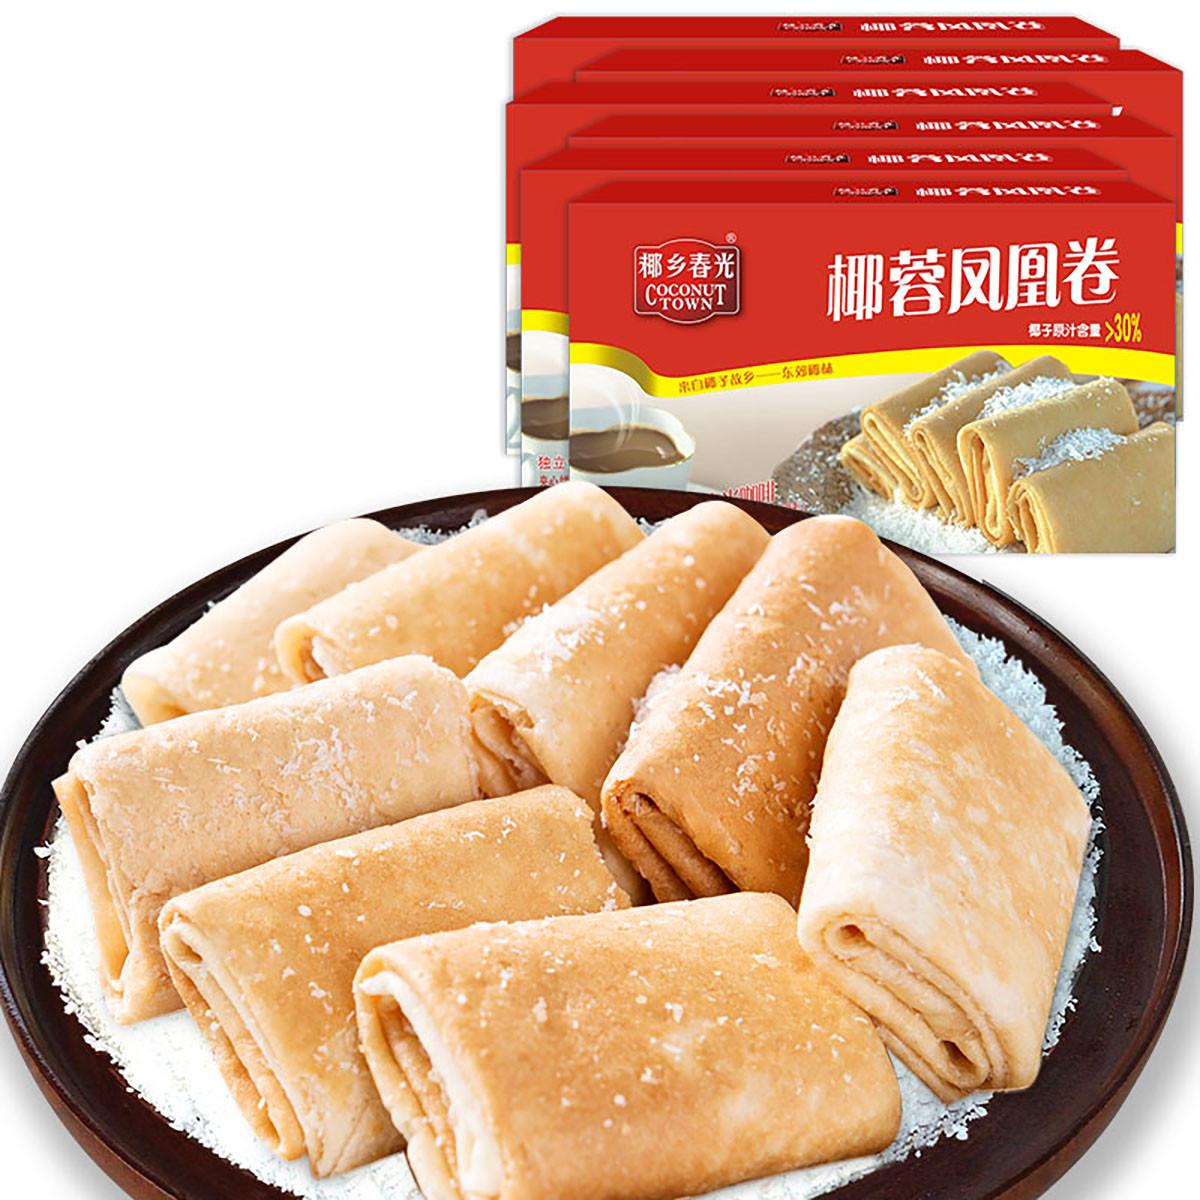 春光海南特产休闲食品早餐代餐下午茶饼干椰蓉凤凰卷105g*6 盒装COLOR其它颜色